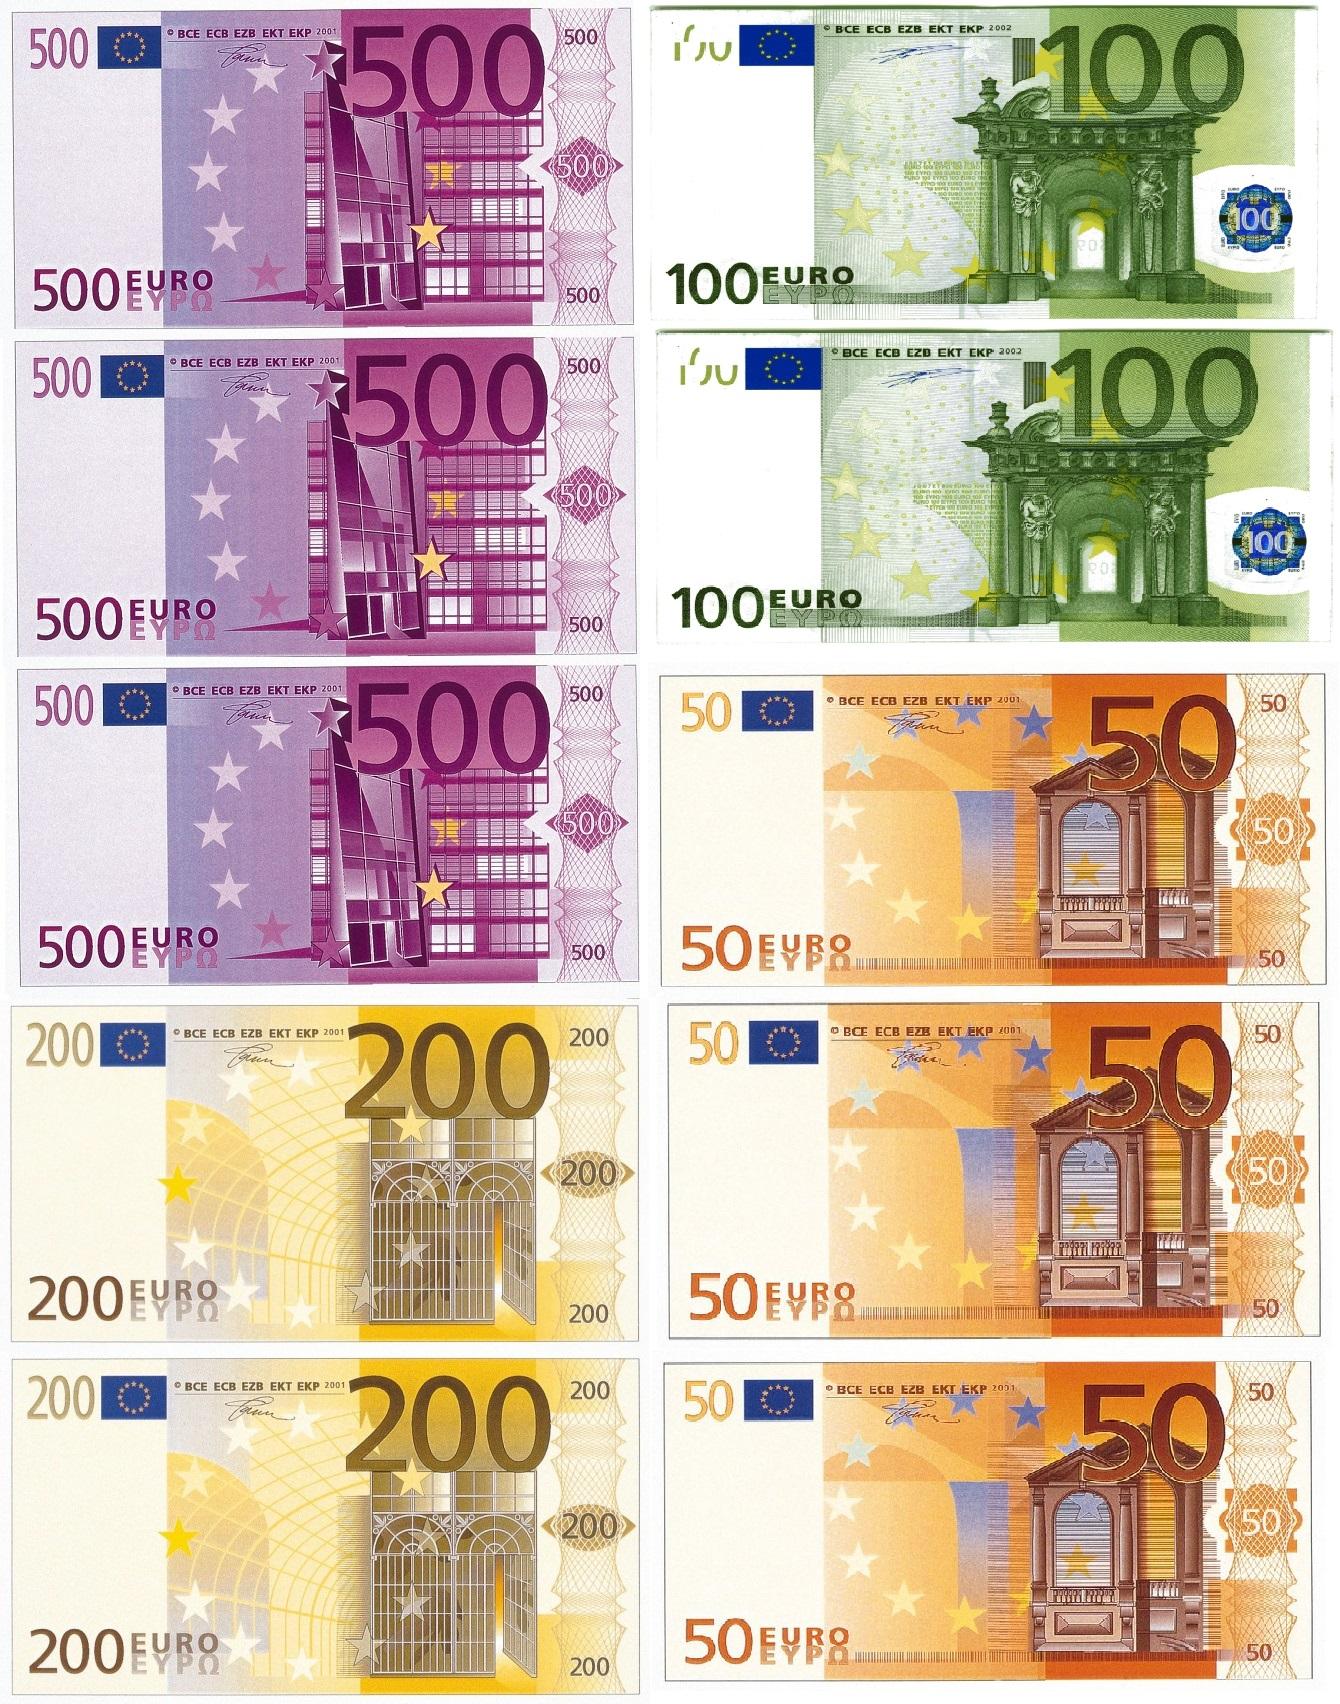 Картинка доллара и евро распечатать